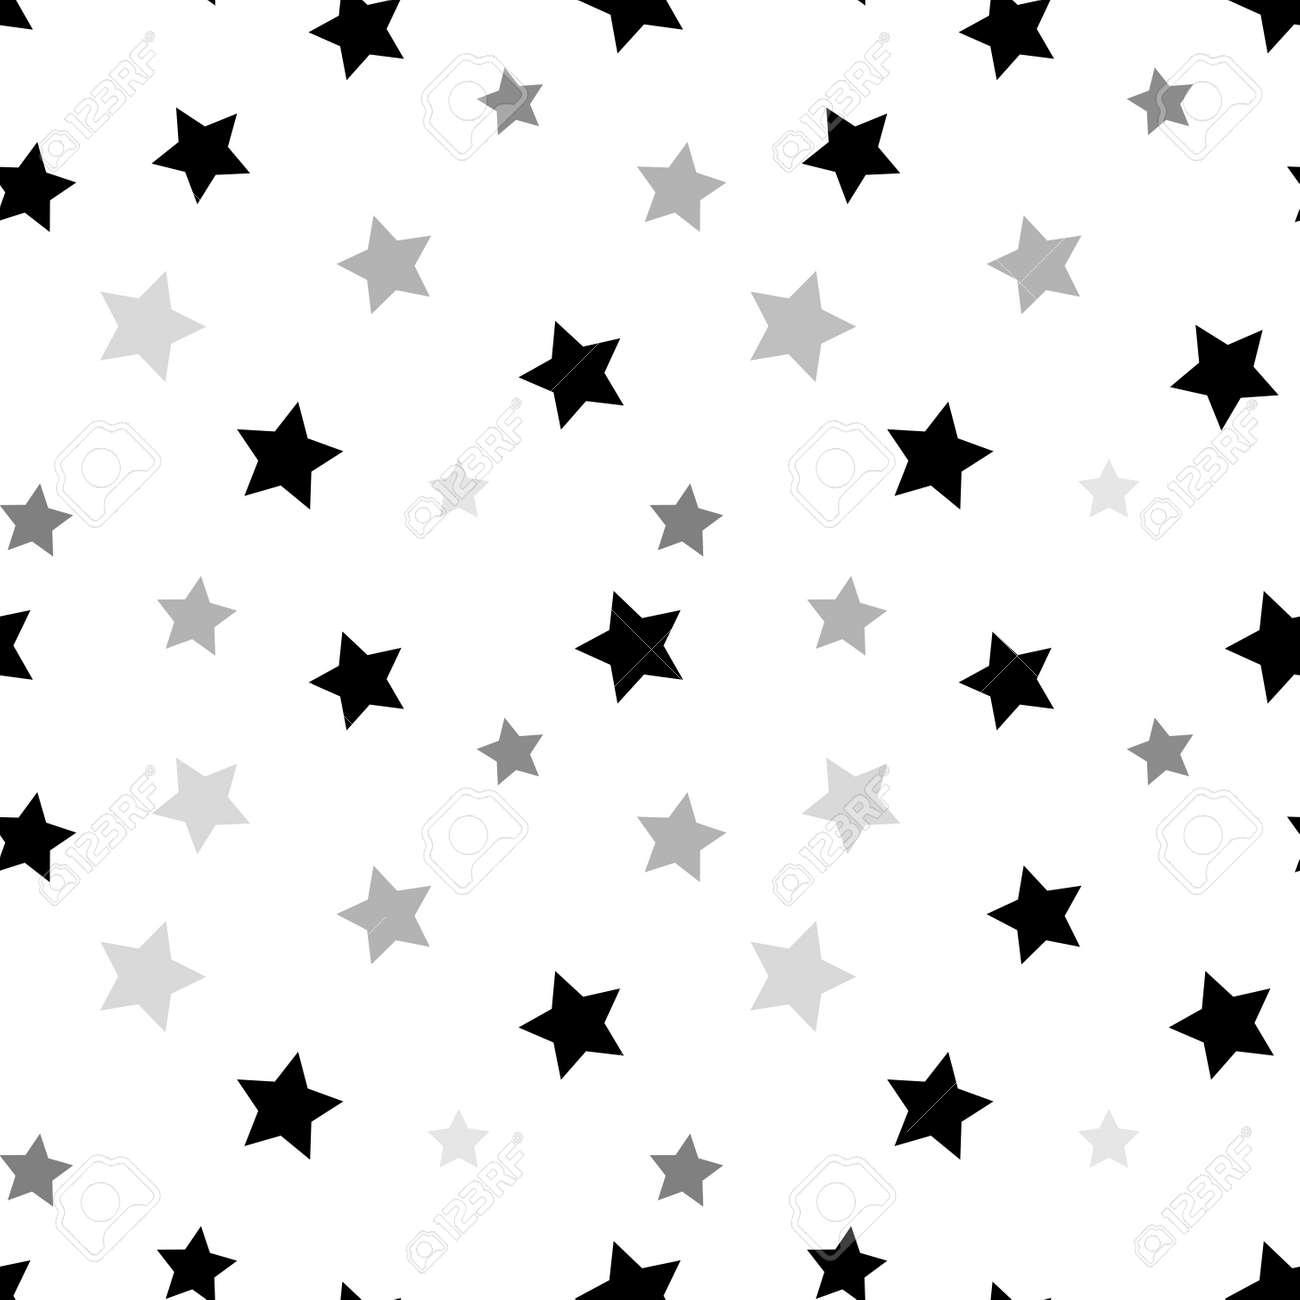 Estrellas Sin Patrón Negro Y Retro De Fondo Blanco. Elementos ...